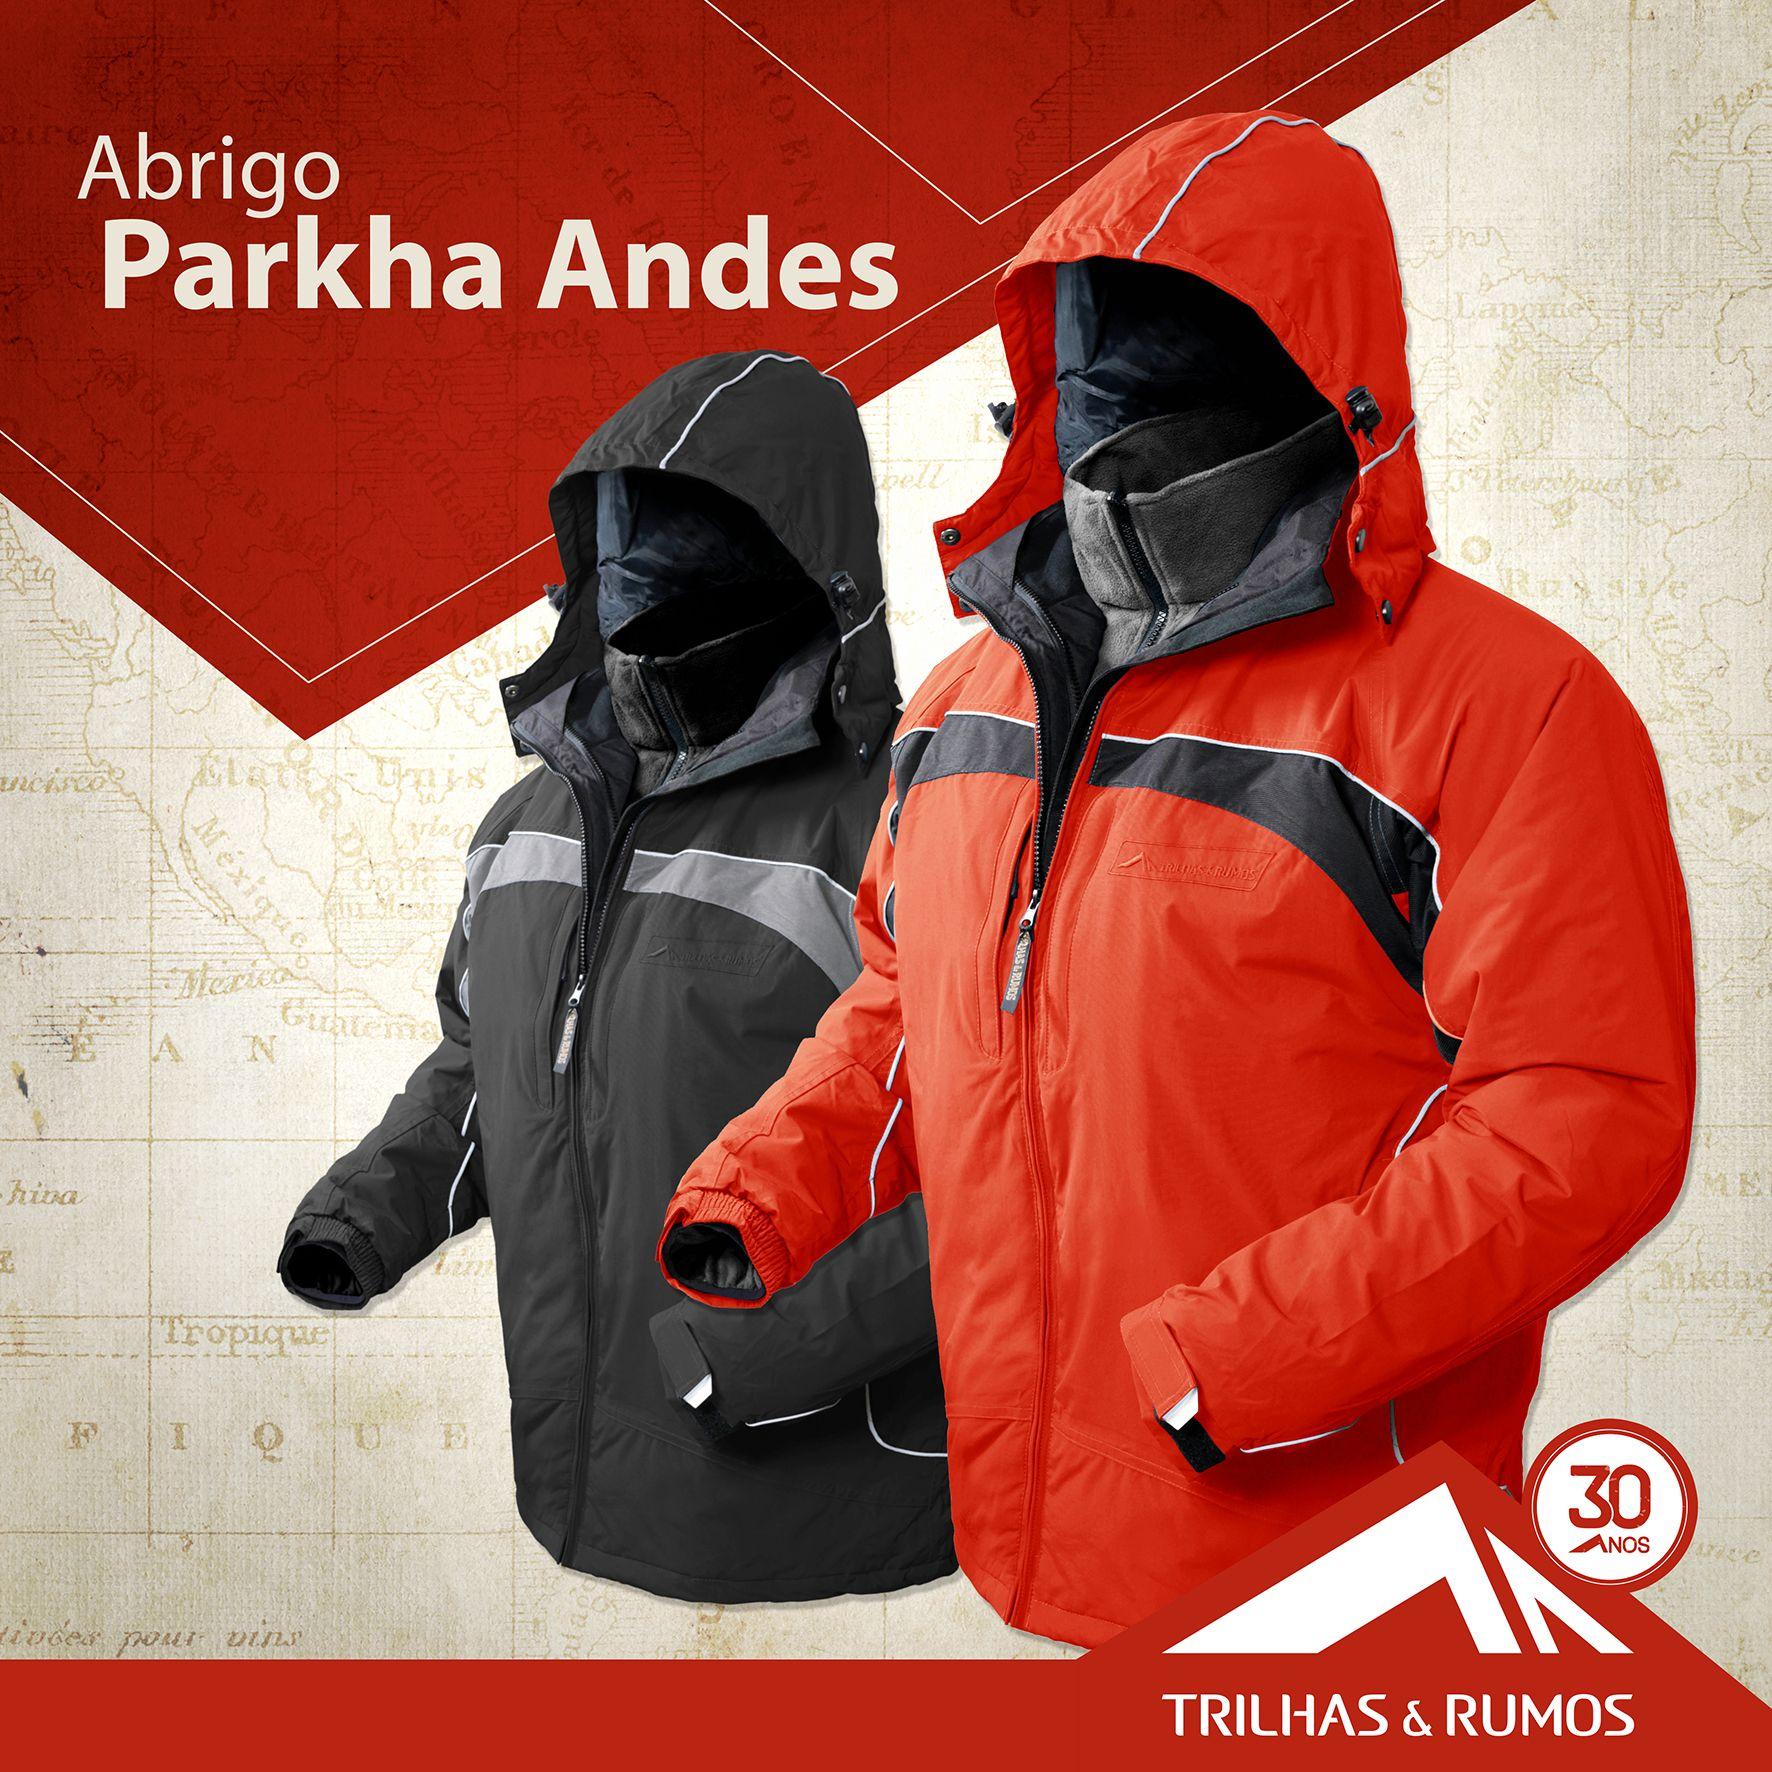 Abrigo Parkha Andes Ii Caracteristicas Em Tecido Respiravel E